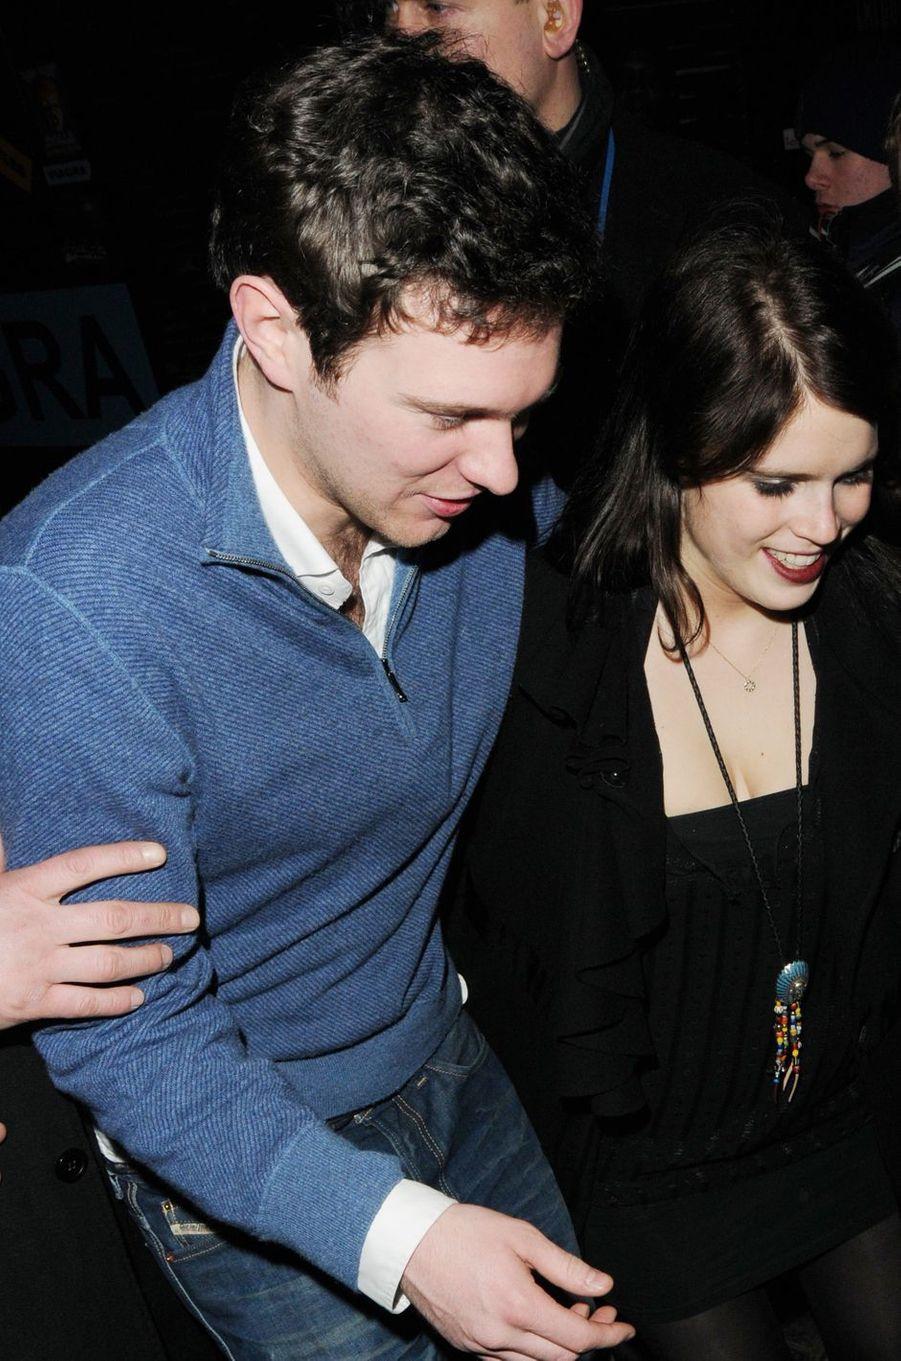 La princesse Eugenie d'York et Jack Brooksbank, le 5 mars 2011